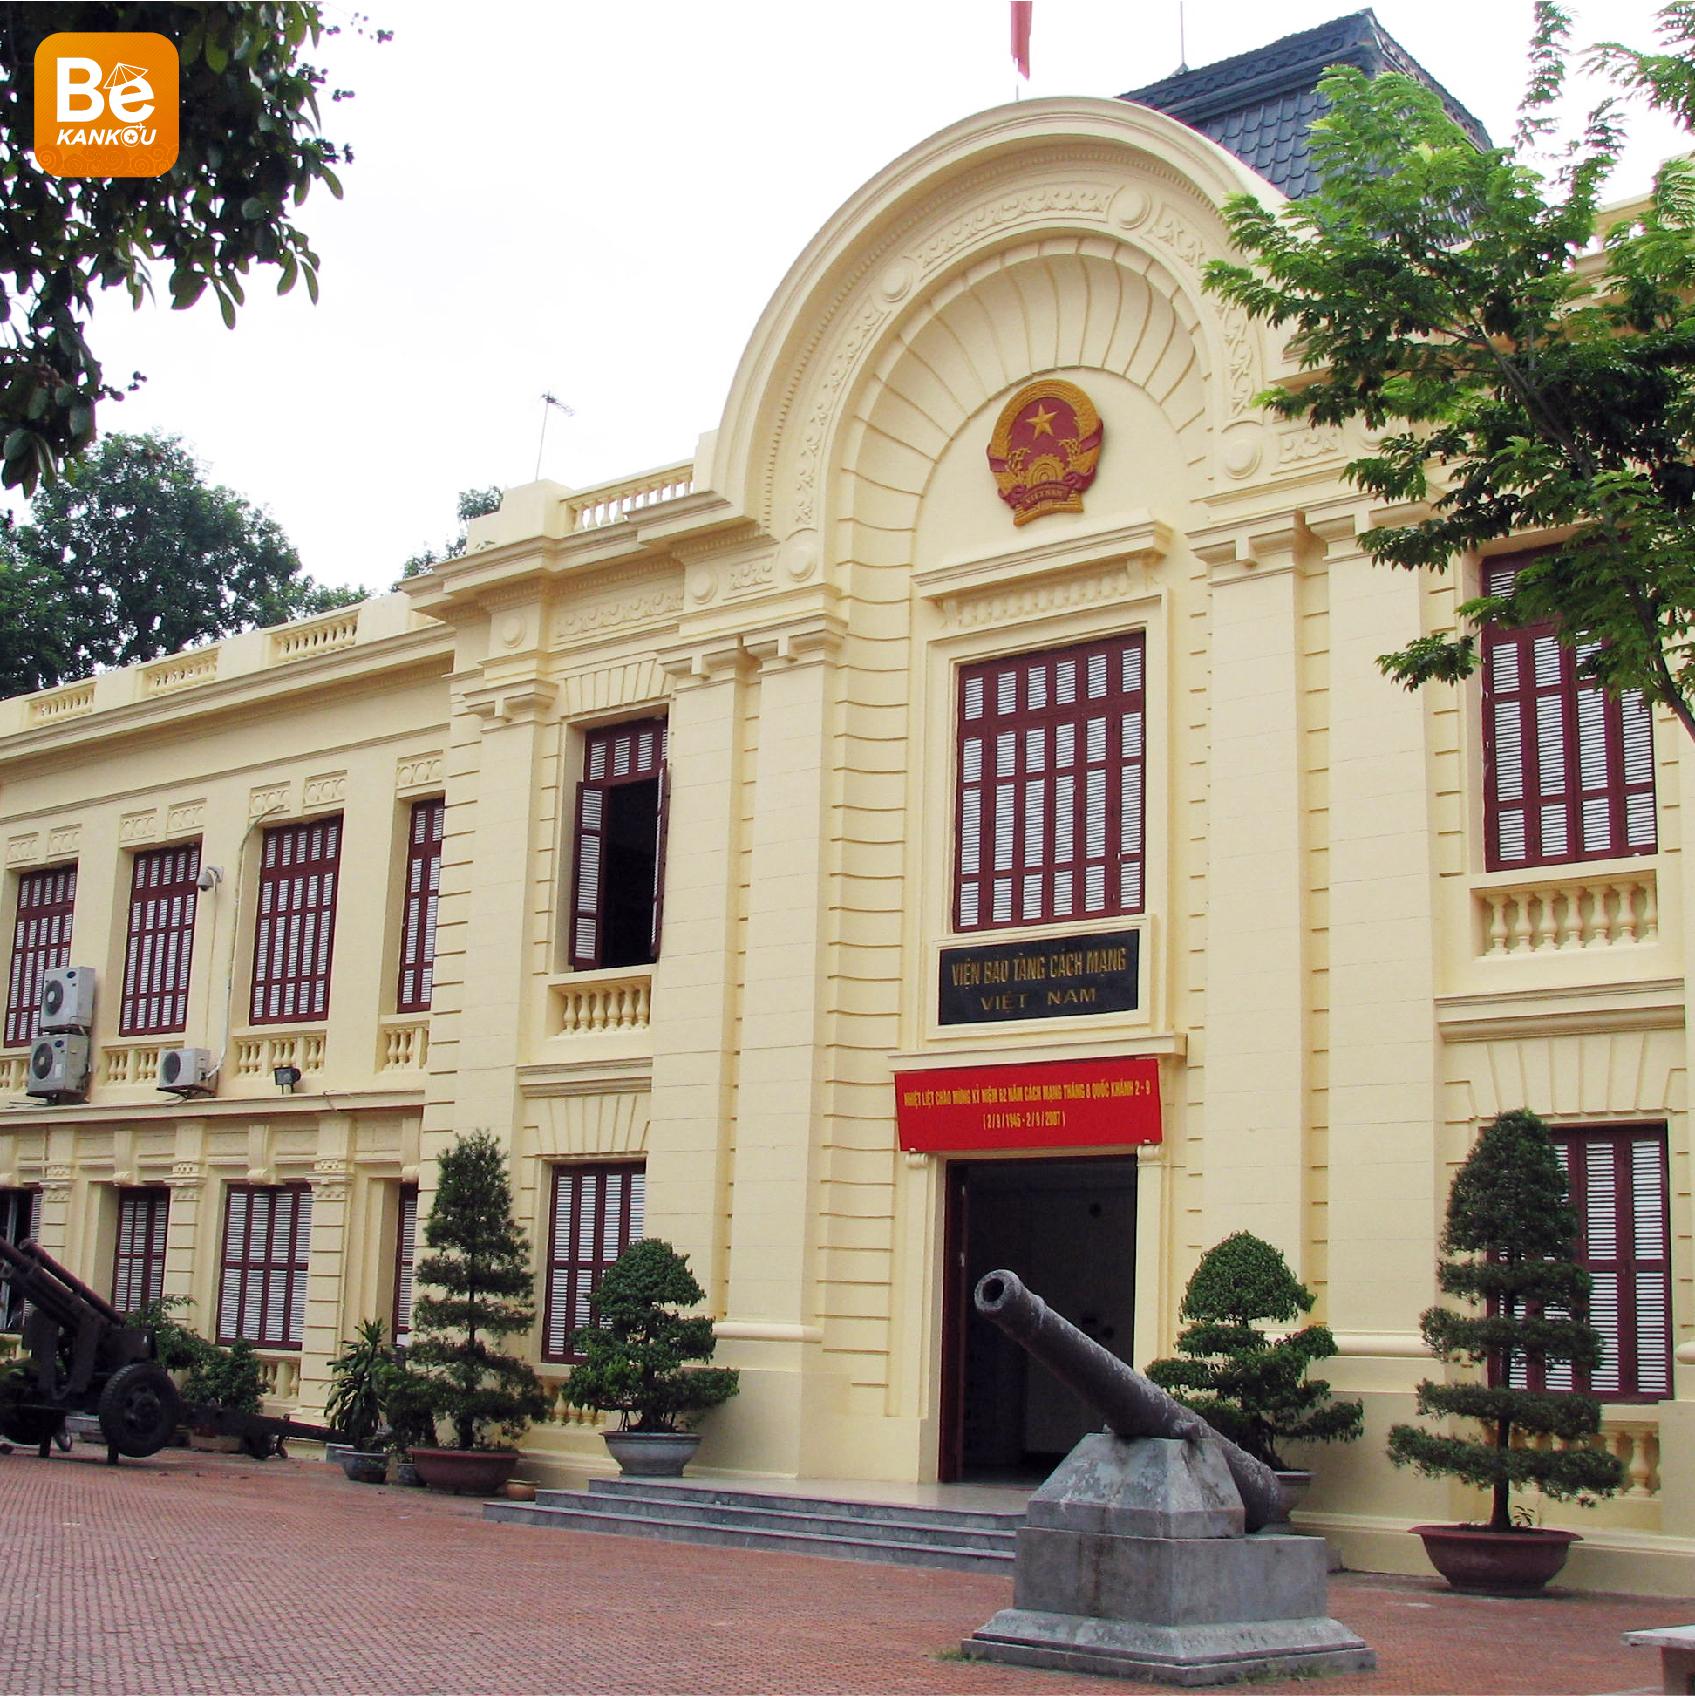 訪れるべきサイゴンでの有名な博物館-0